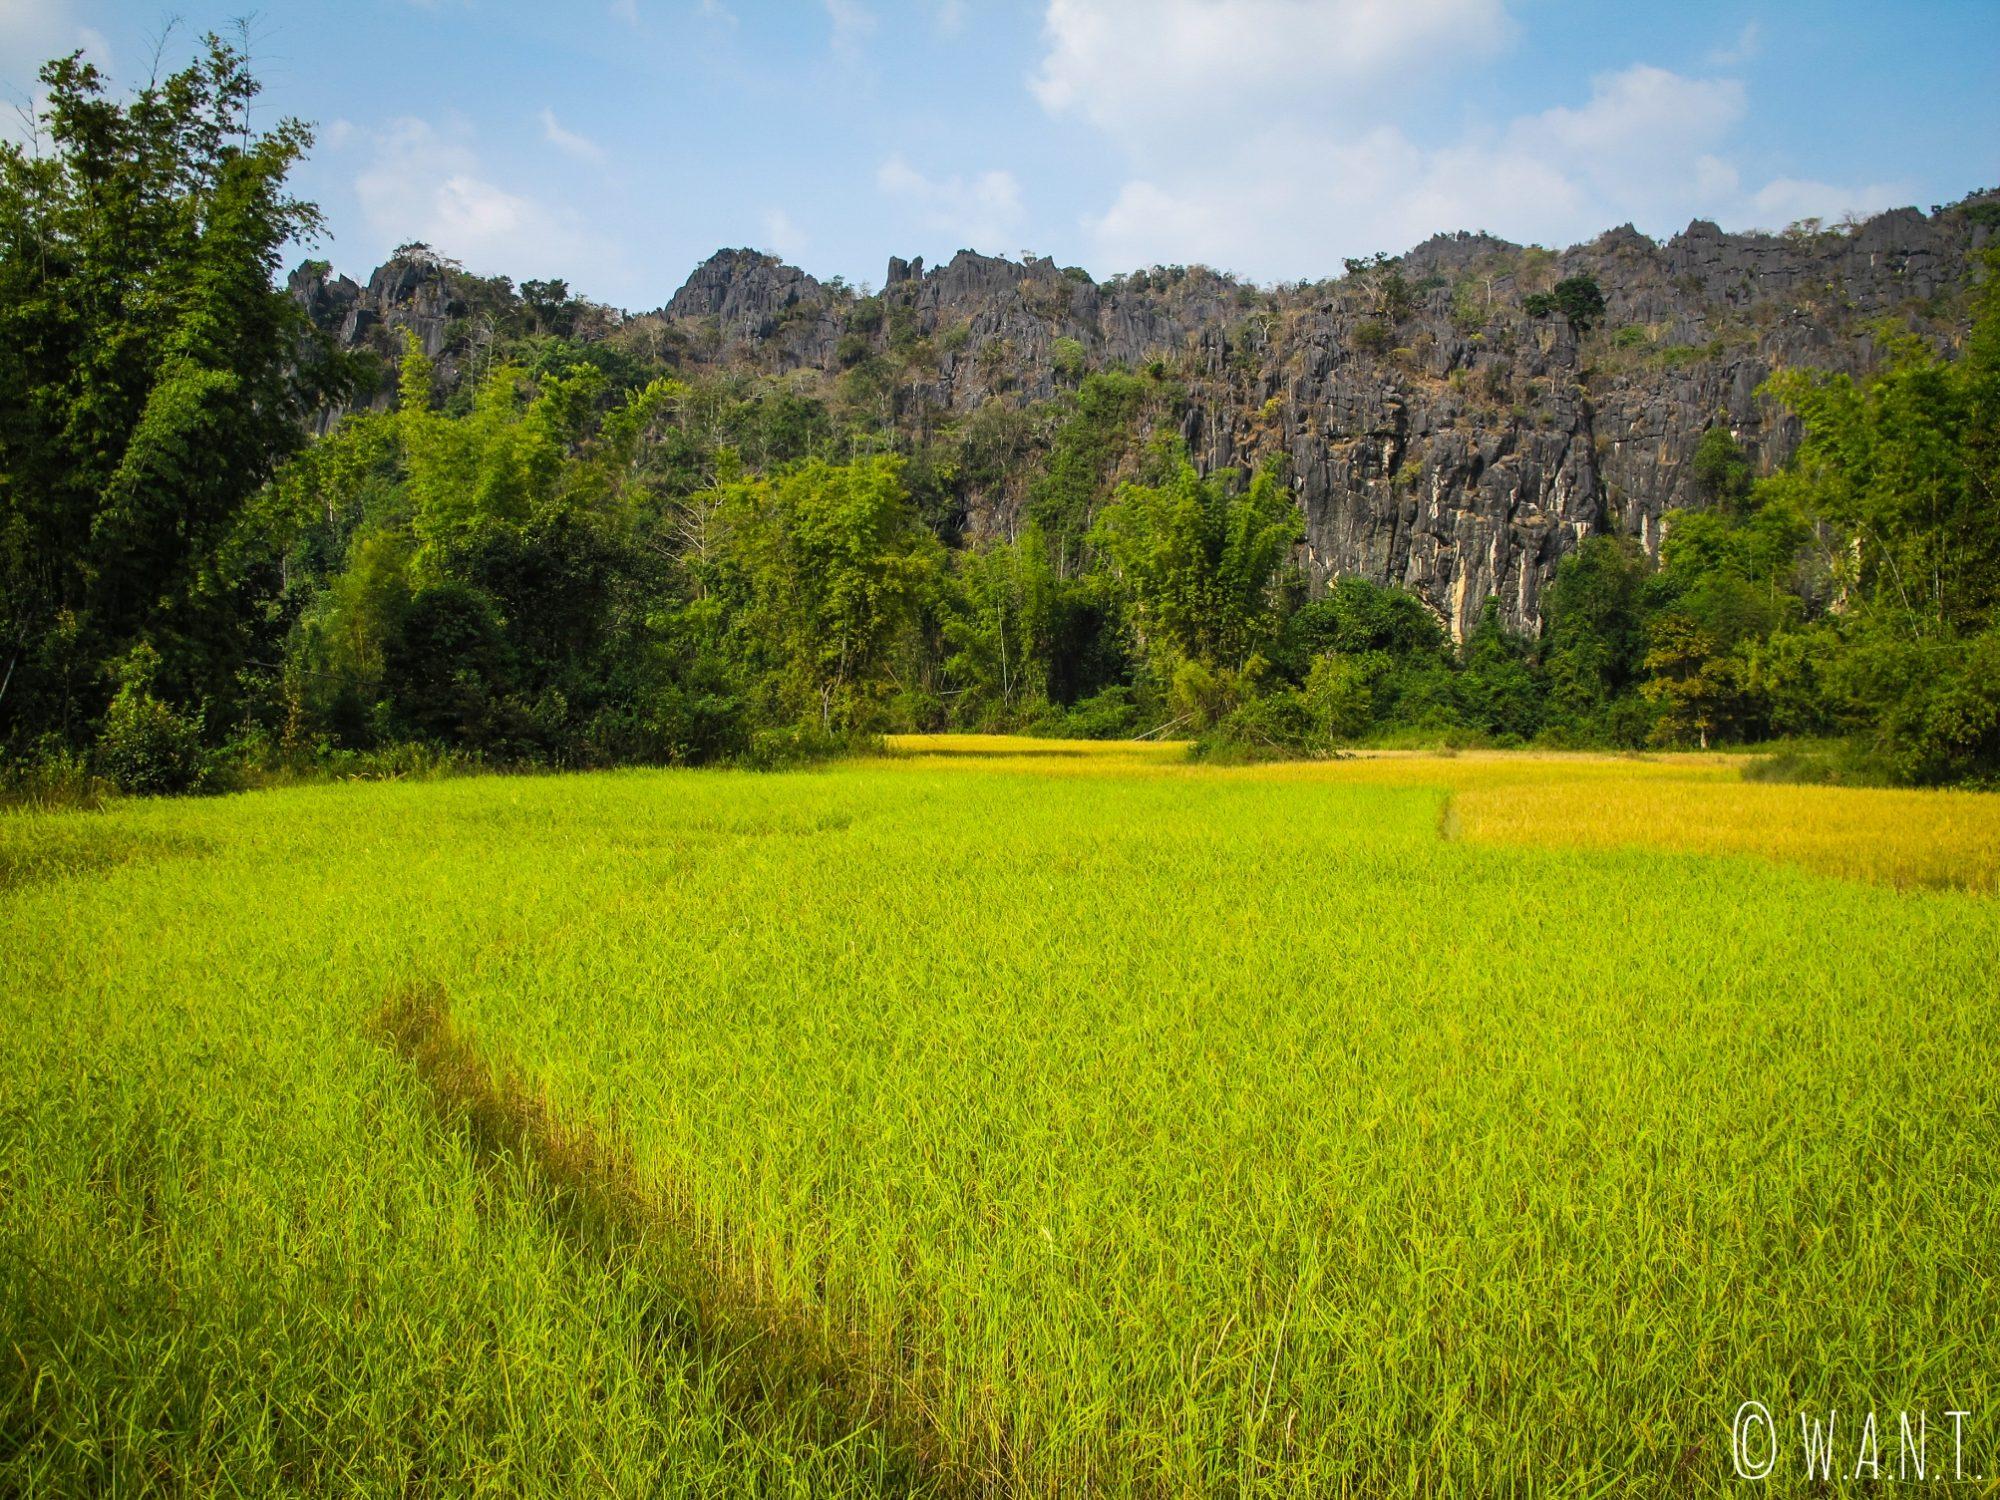 Les rizières et les pics karstiques entourent la route menant jusqu'à Konglor